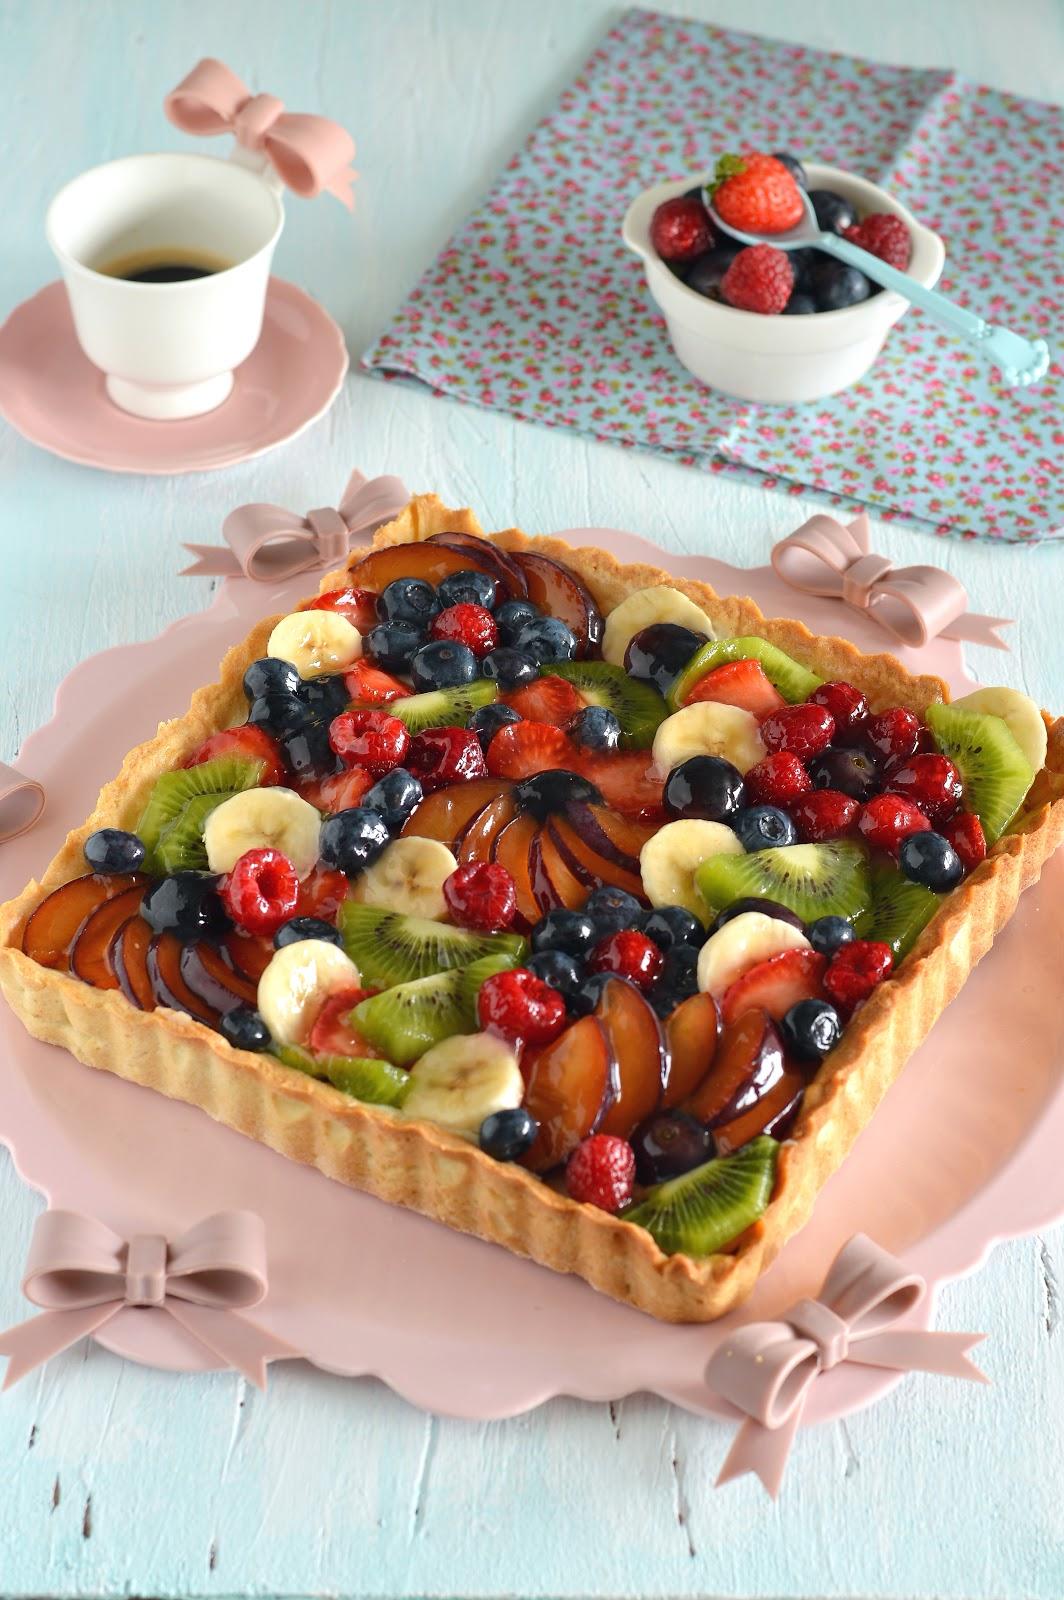 Ricetta Pasta Frolla X Crostata Di Frutta.Sprinkles Dress La Crostata Di Frutta Perfetta Ricetta Pasta Frolla E Crema Pasticcera